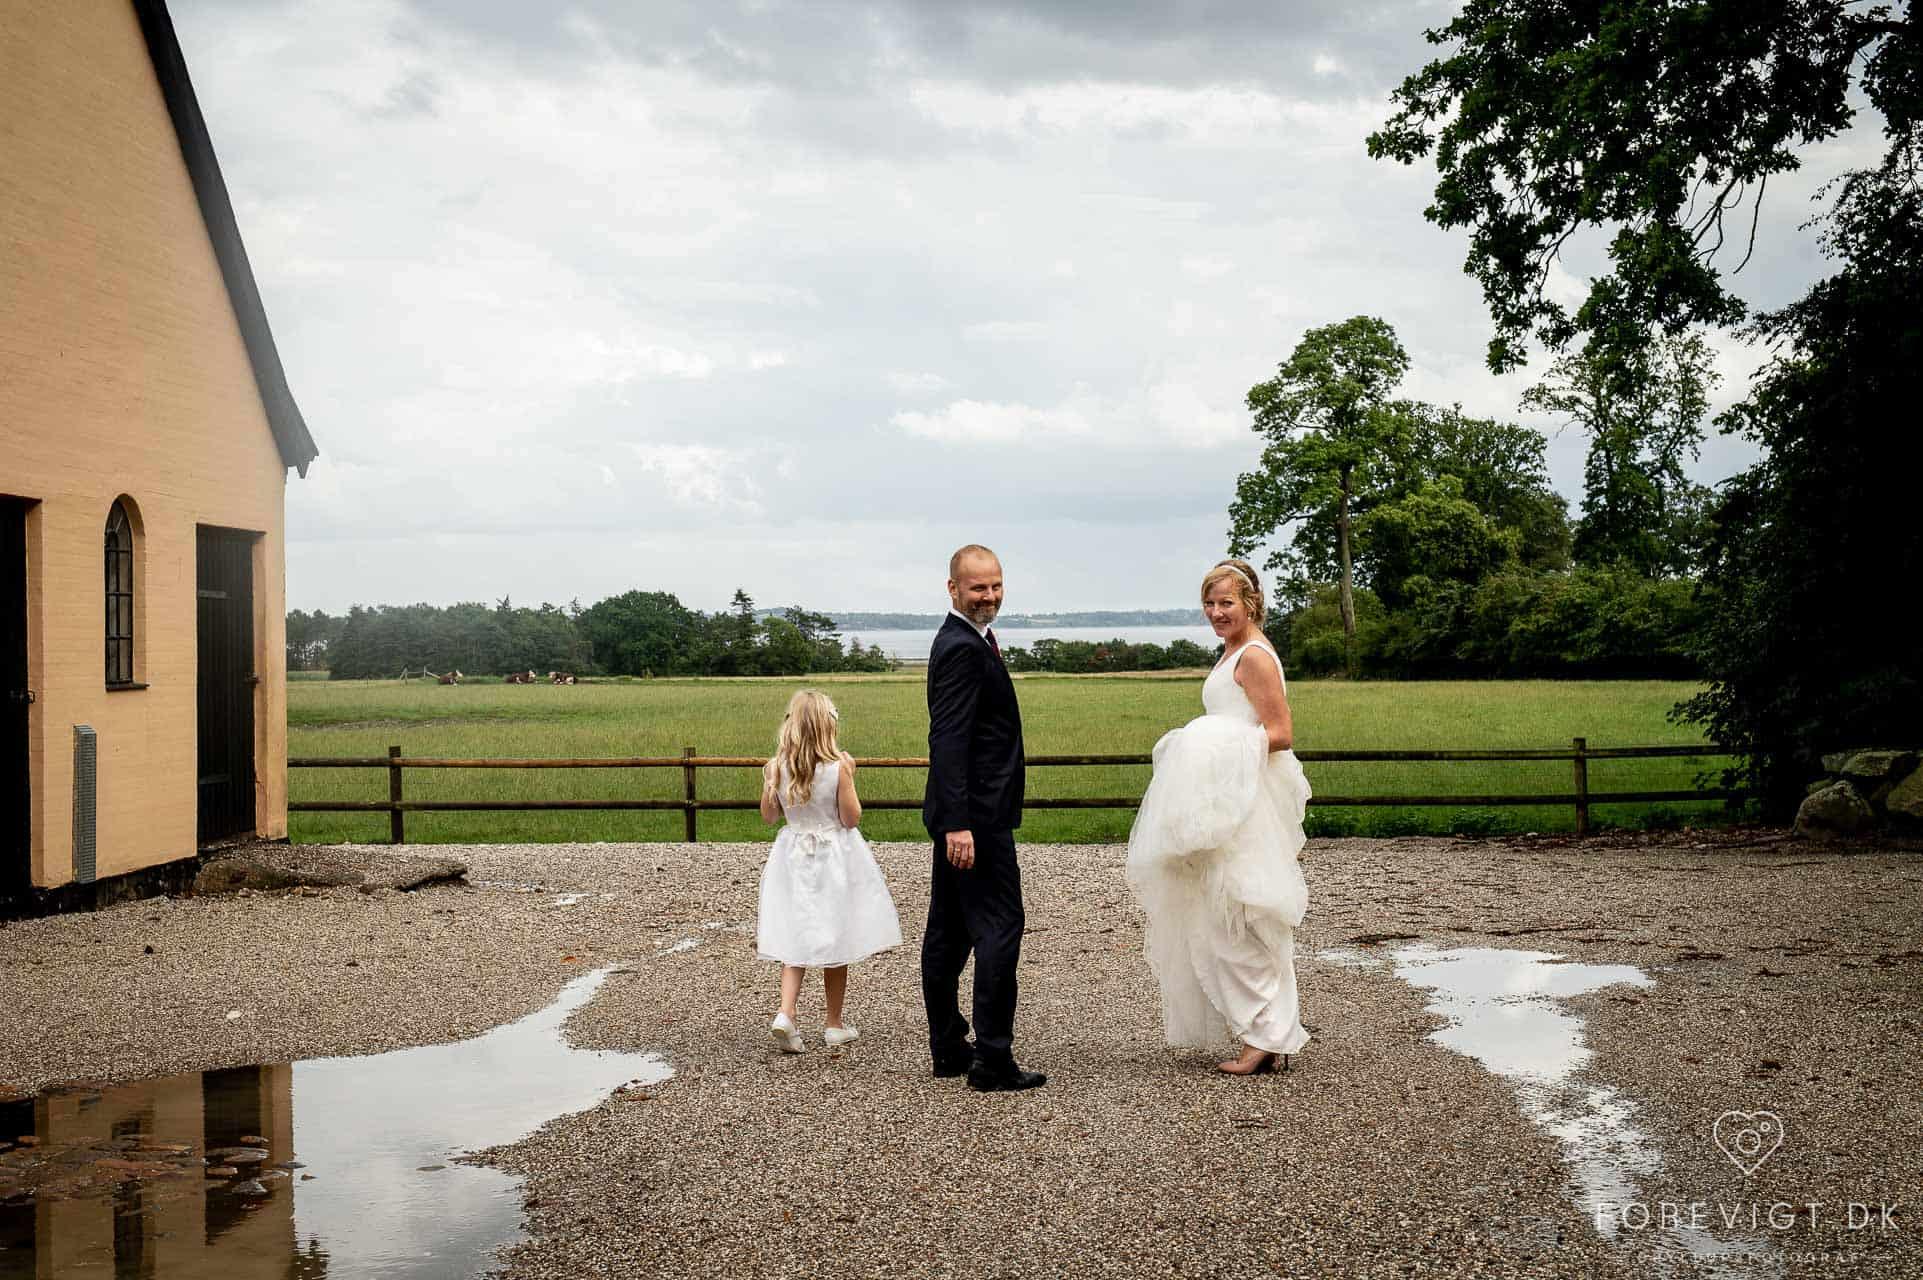 herregårde til bryllup på Sjælland